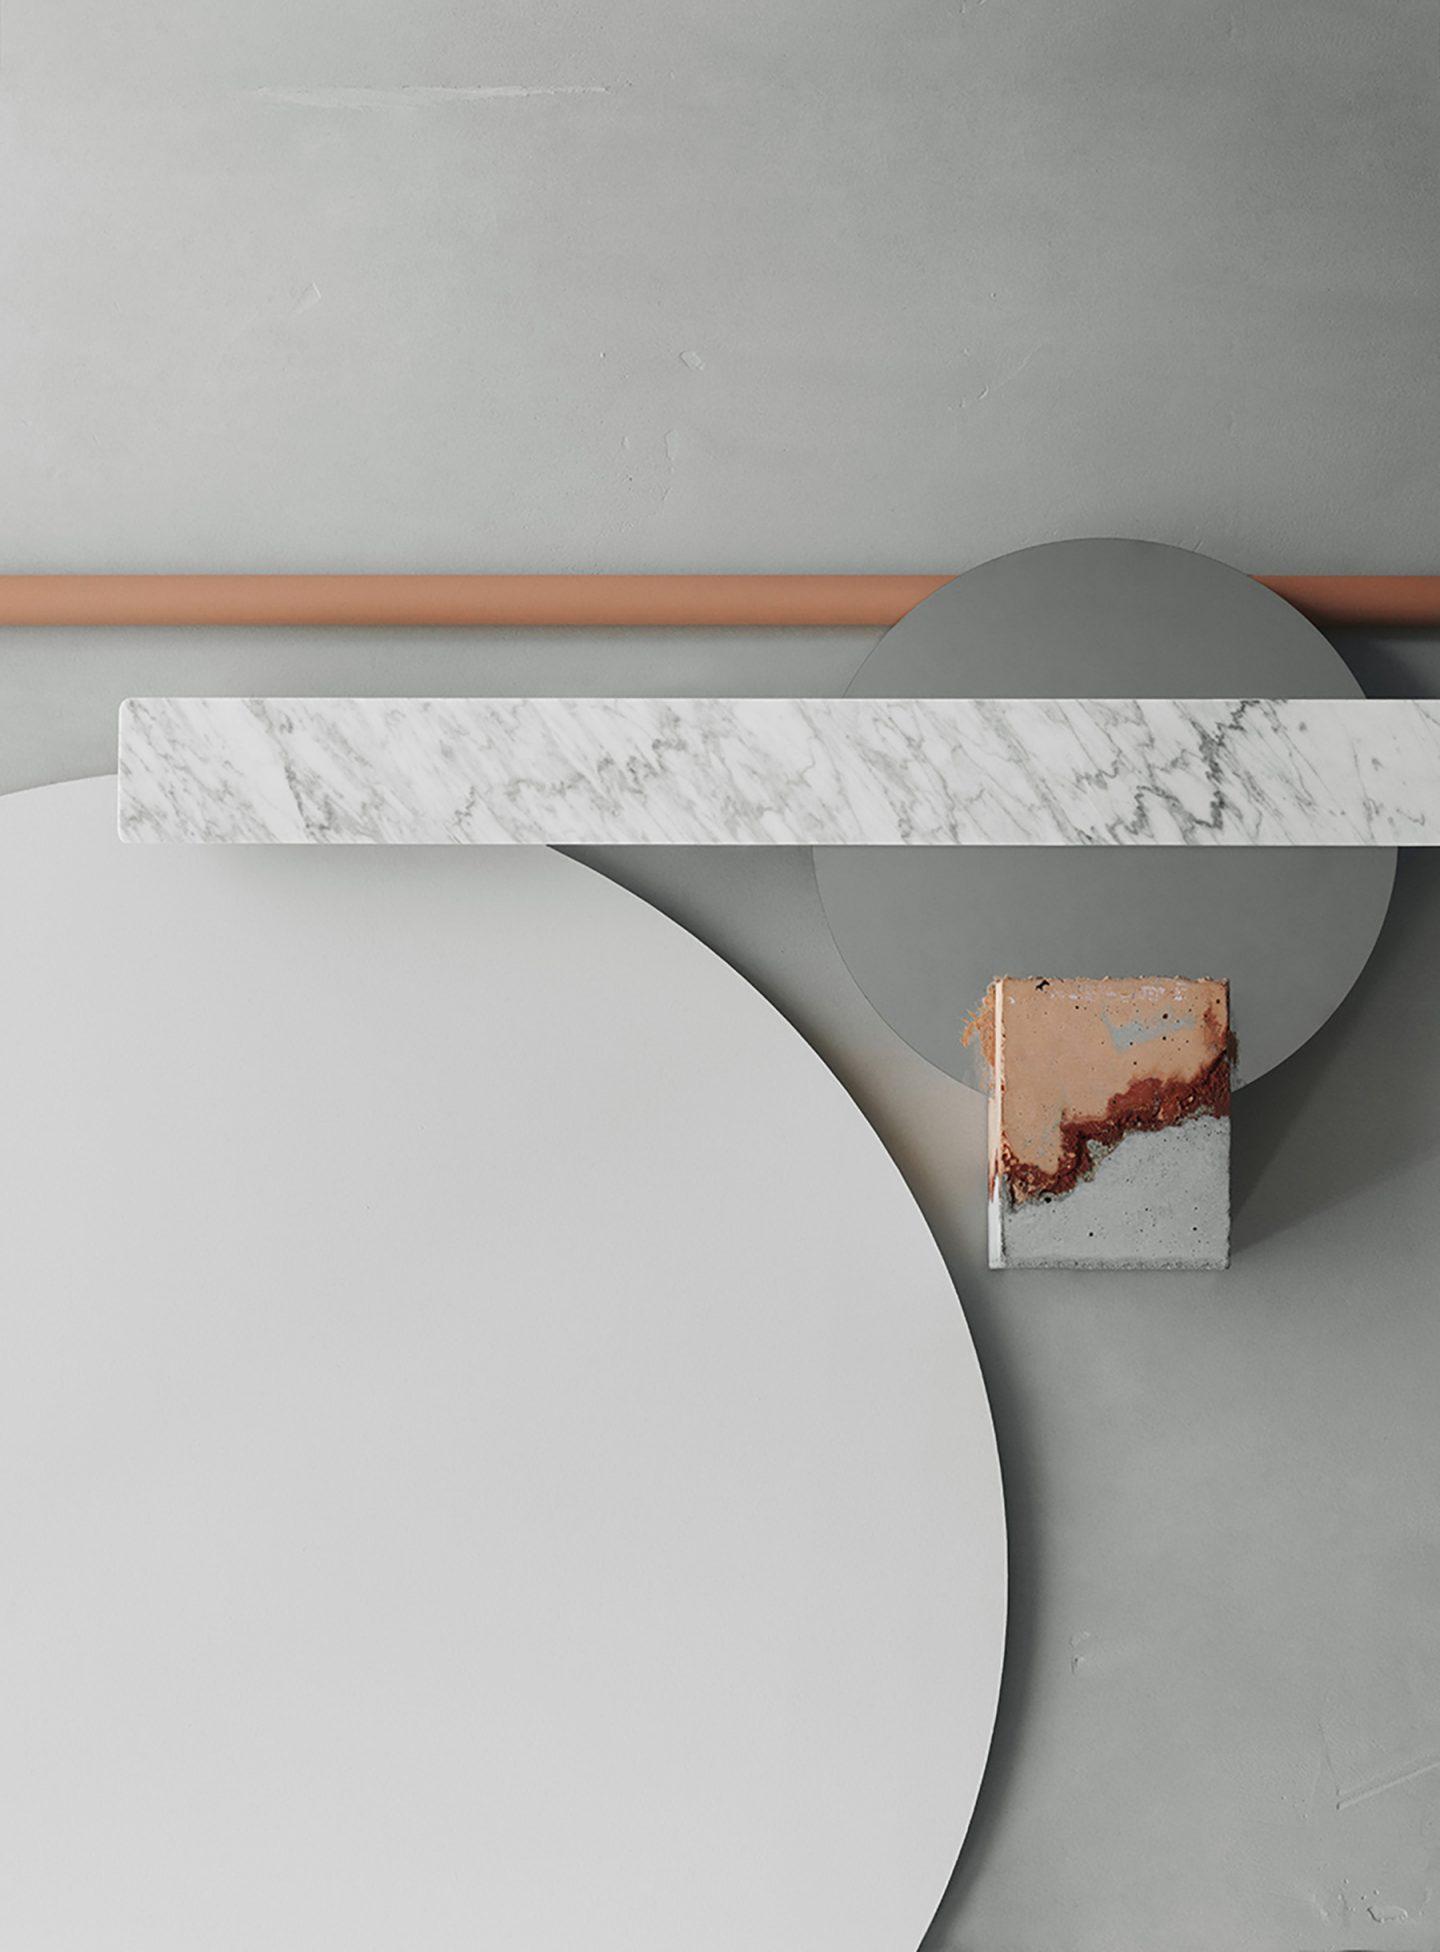 iGNANT-Design-Anour-11